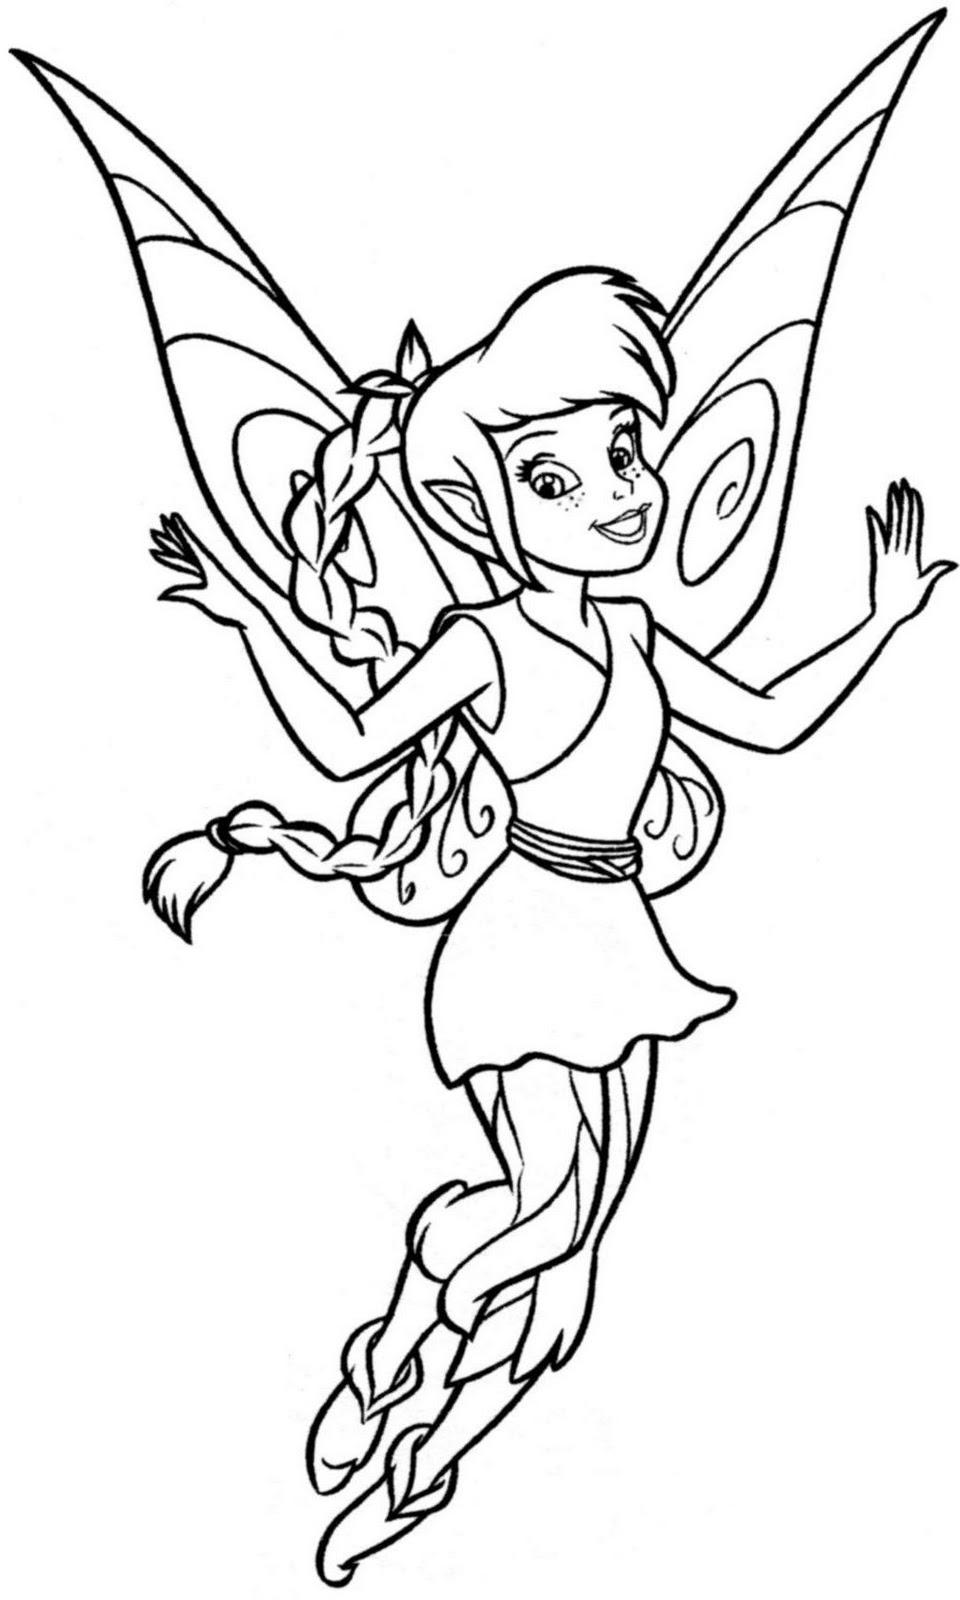 Related to Desenhos da Tinker Bell para colorir pintarcolorir com br